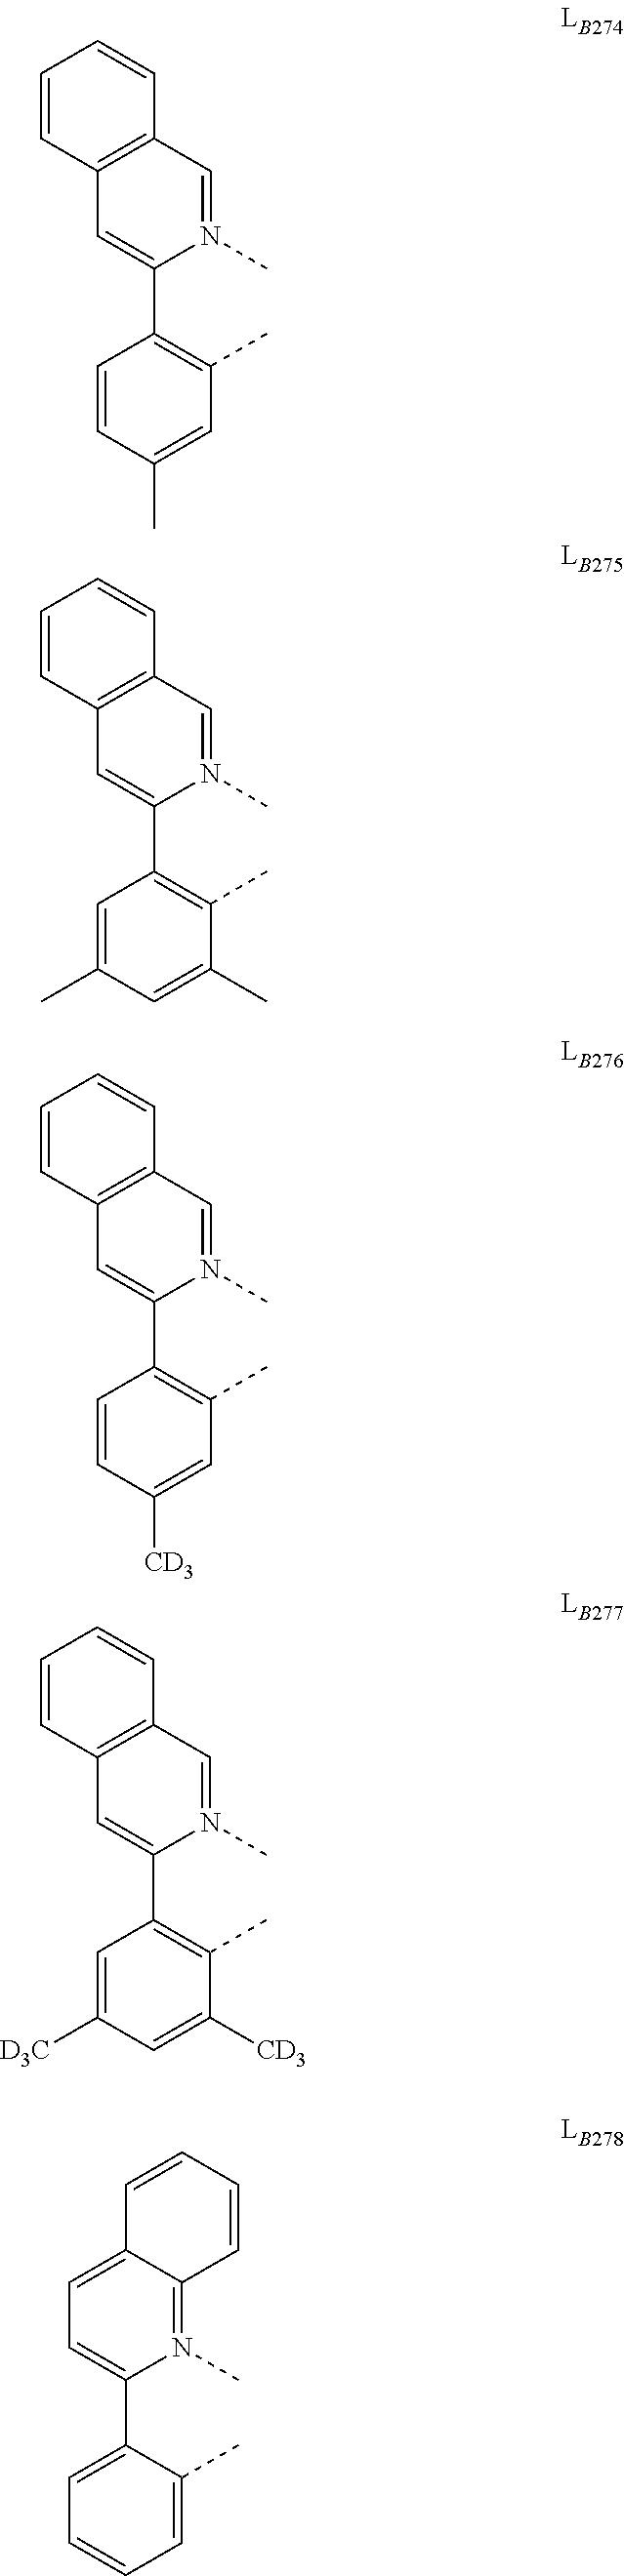 Figure US20180130962A1-20180510-C00316